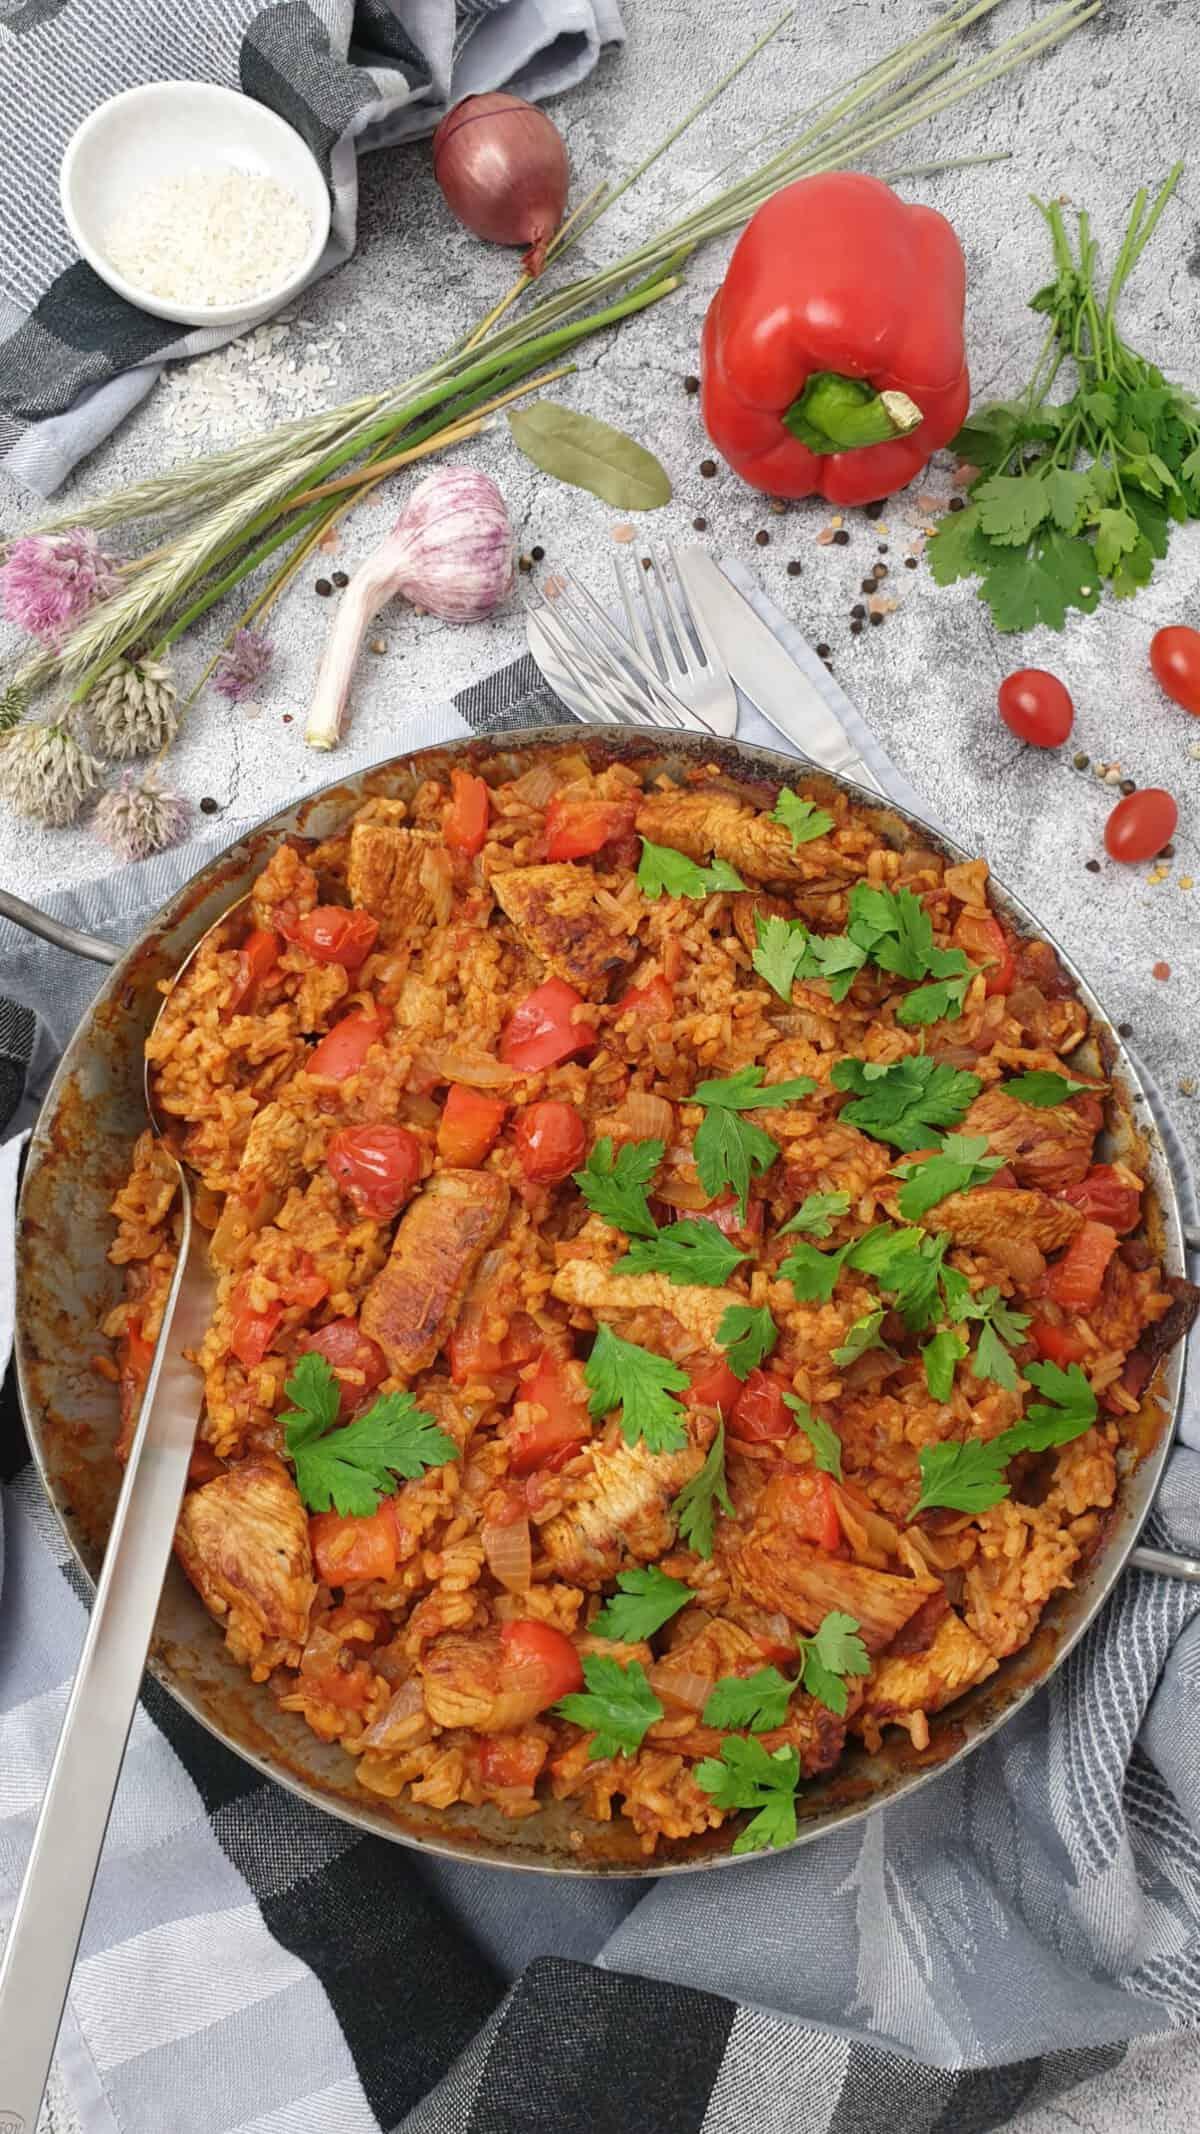 Reis Pfanne mit Pute in einer gußeisernen Pfanne mit Petersilie bestreut.